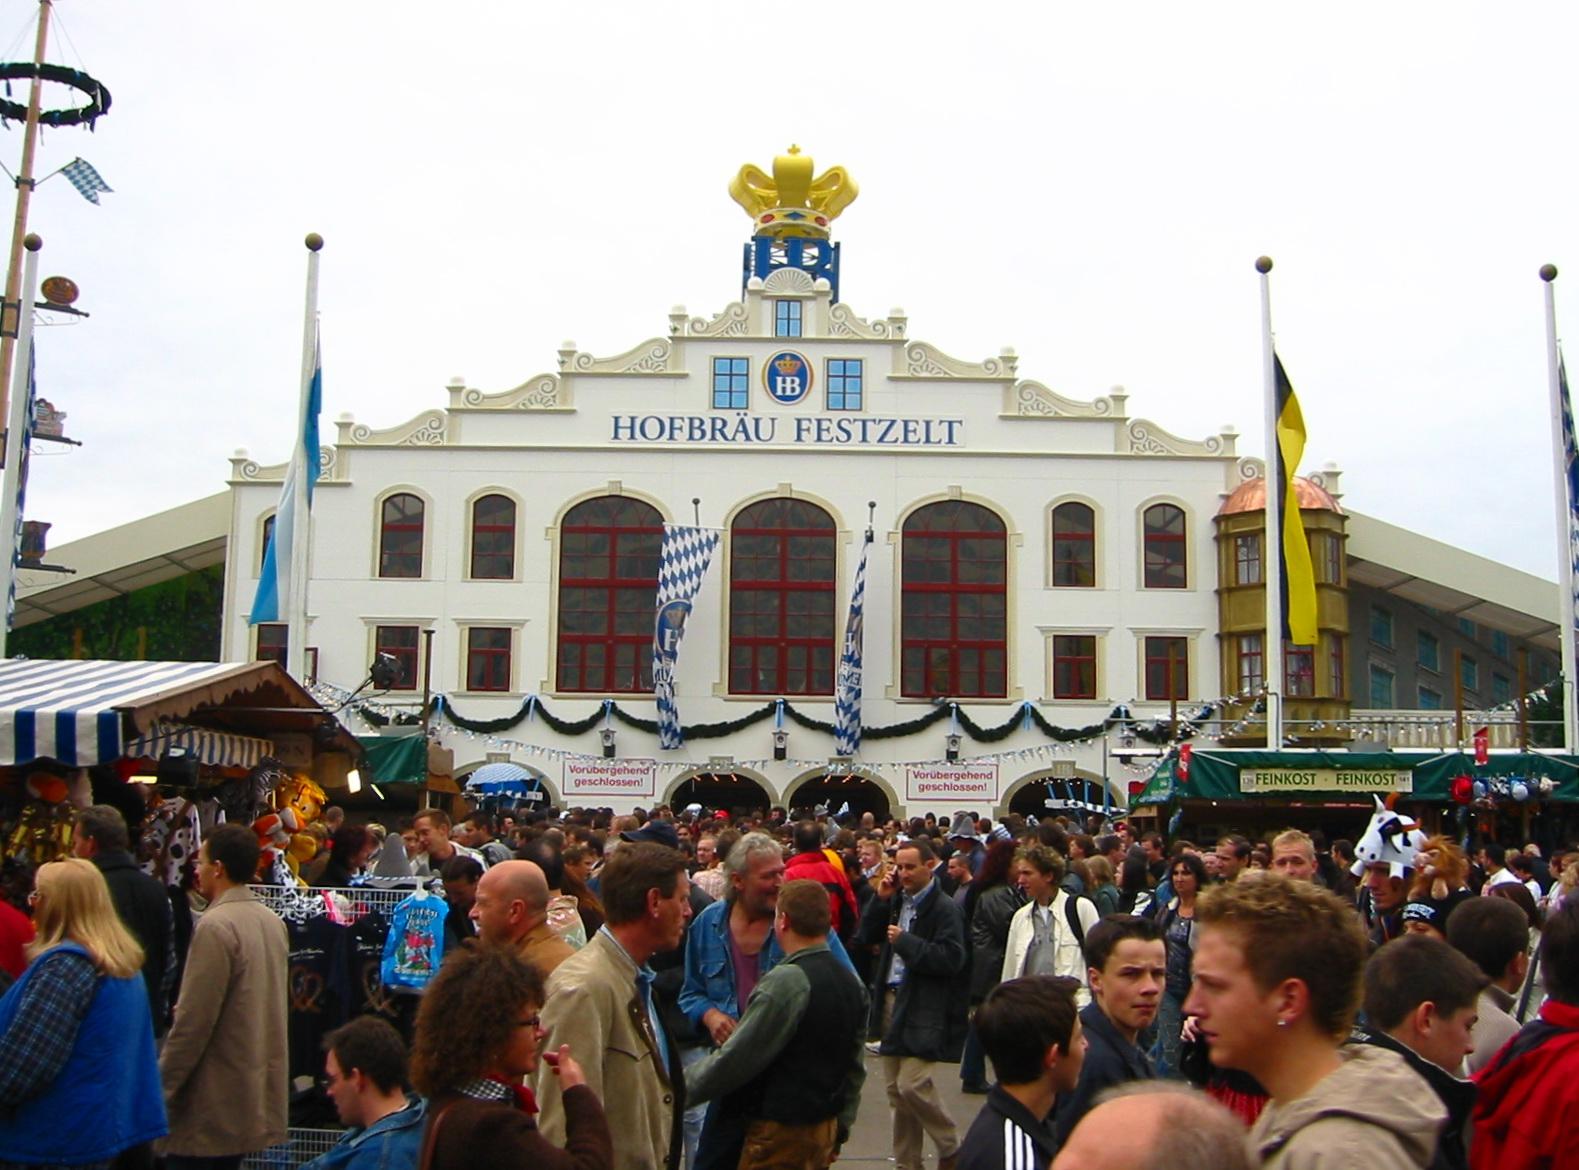 File:Oktoberfest 2005 - Hofbräu-Festzelt - front.jpg